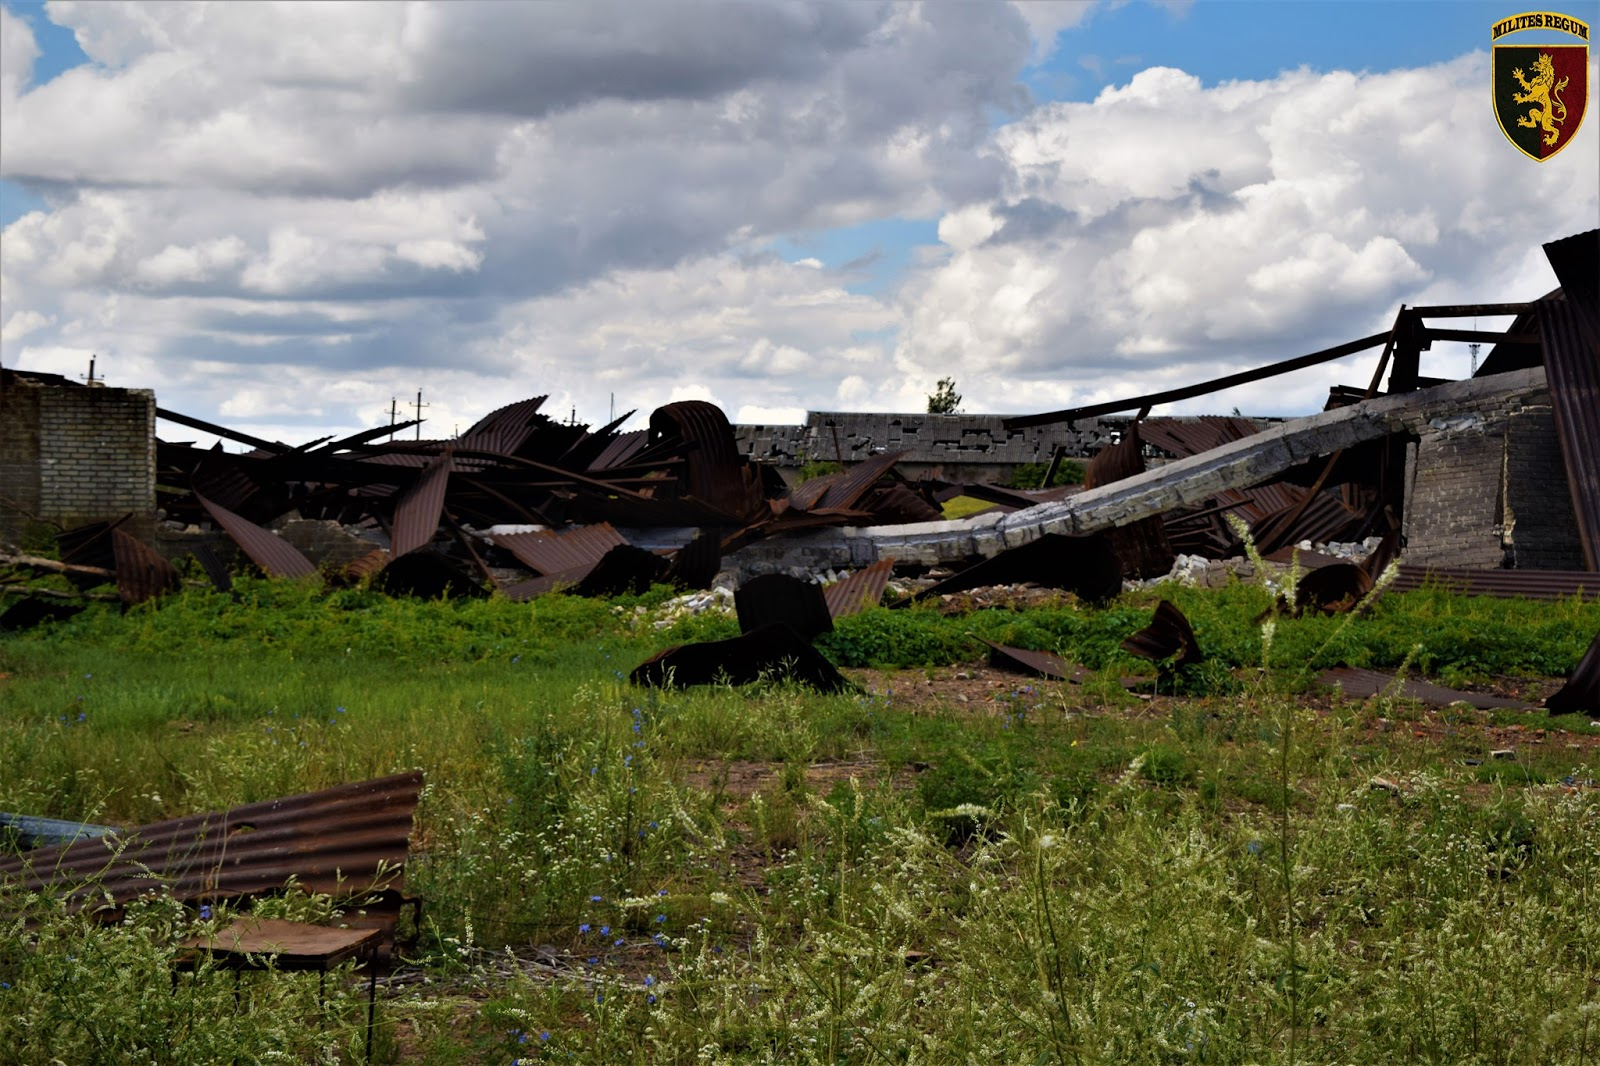 Донбас: Бойвики застосували установку УР-83П по населеному пункту (ВІДЕО)